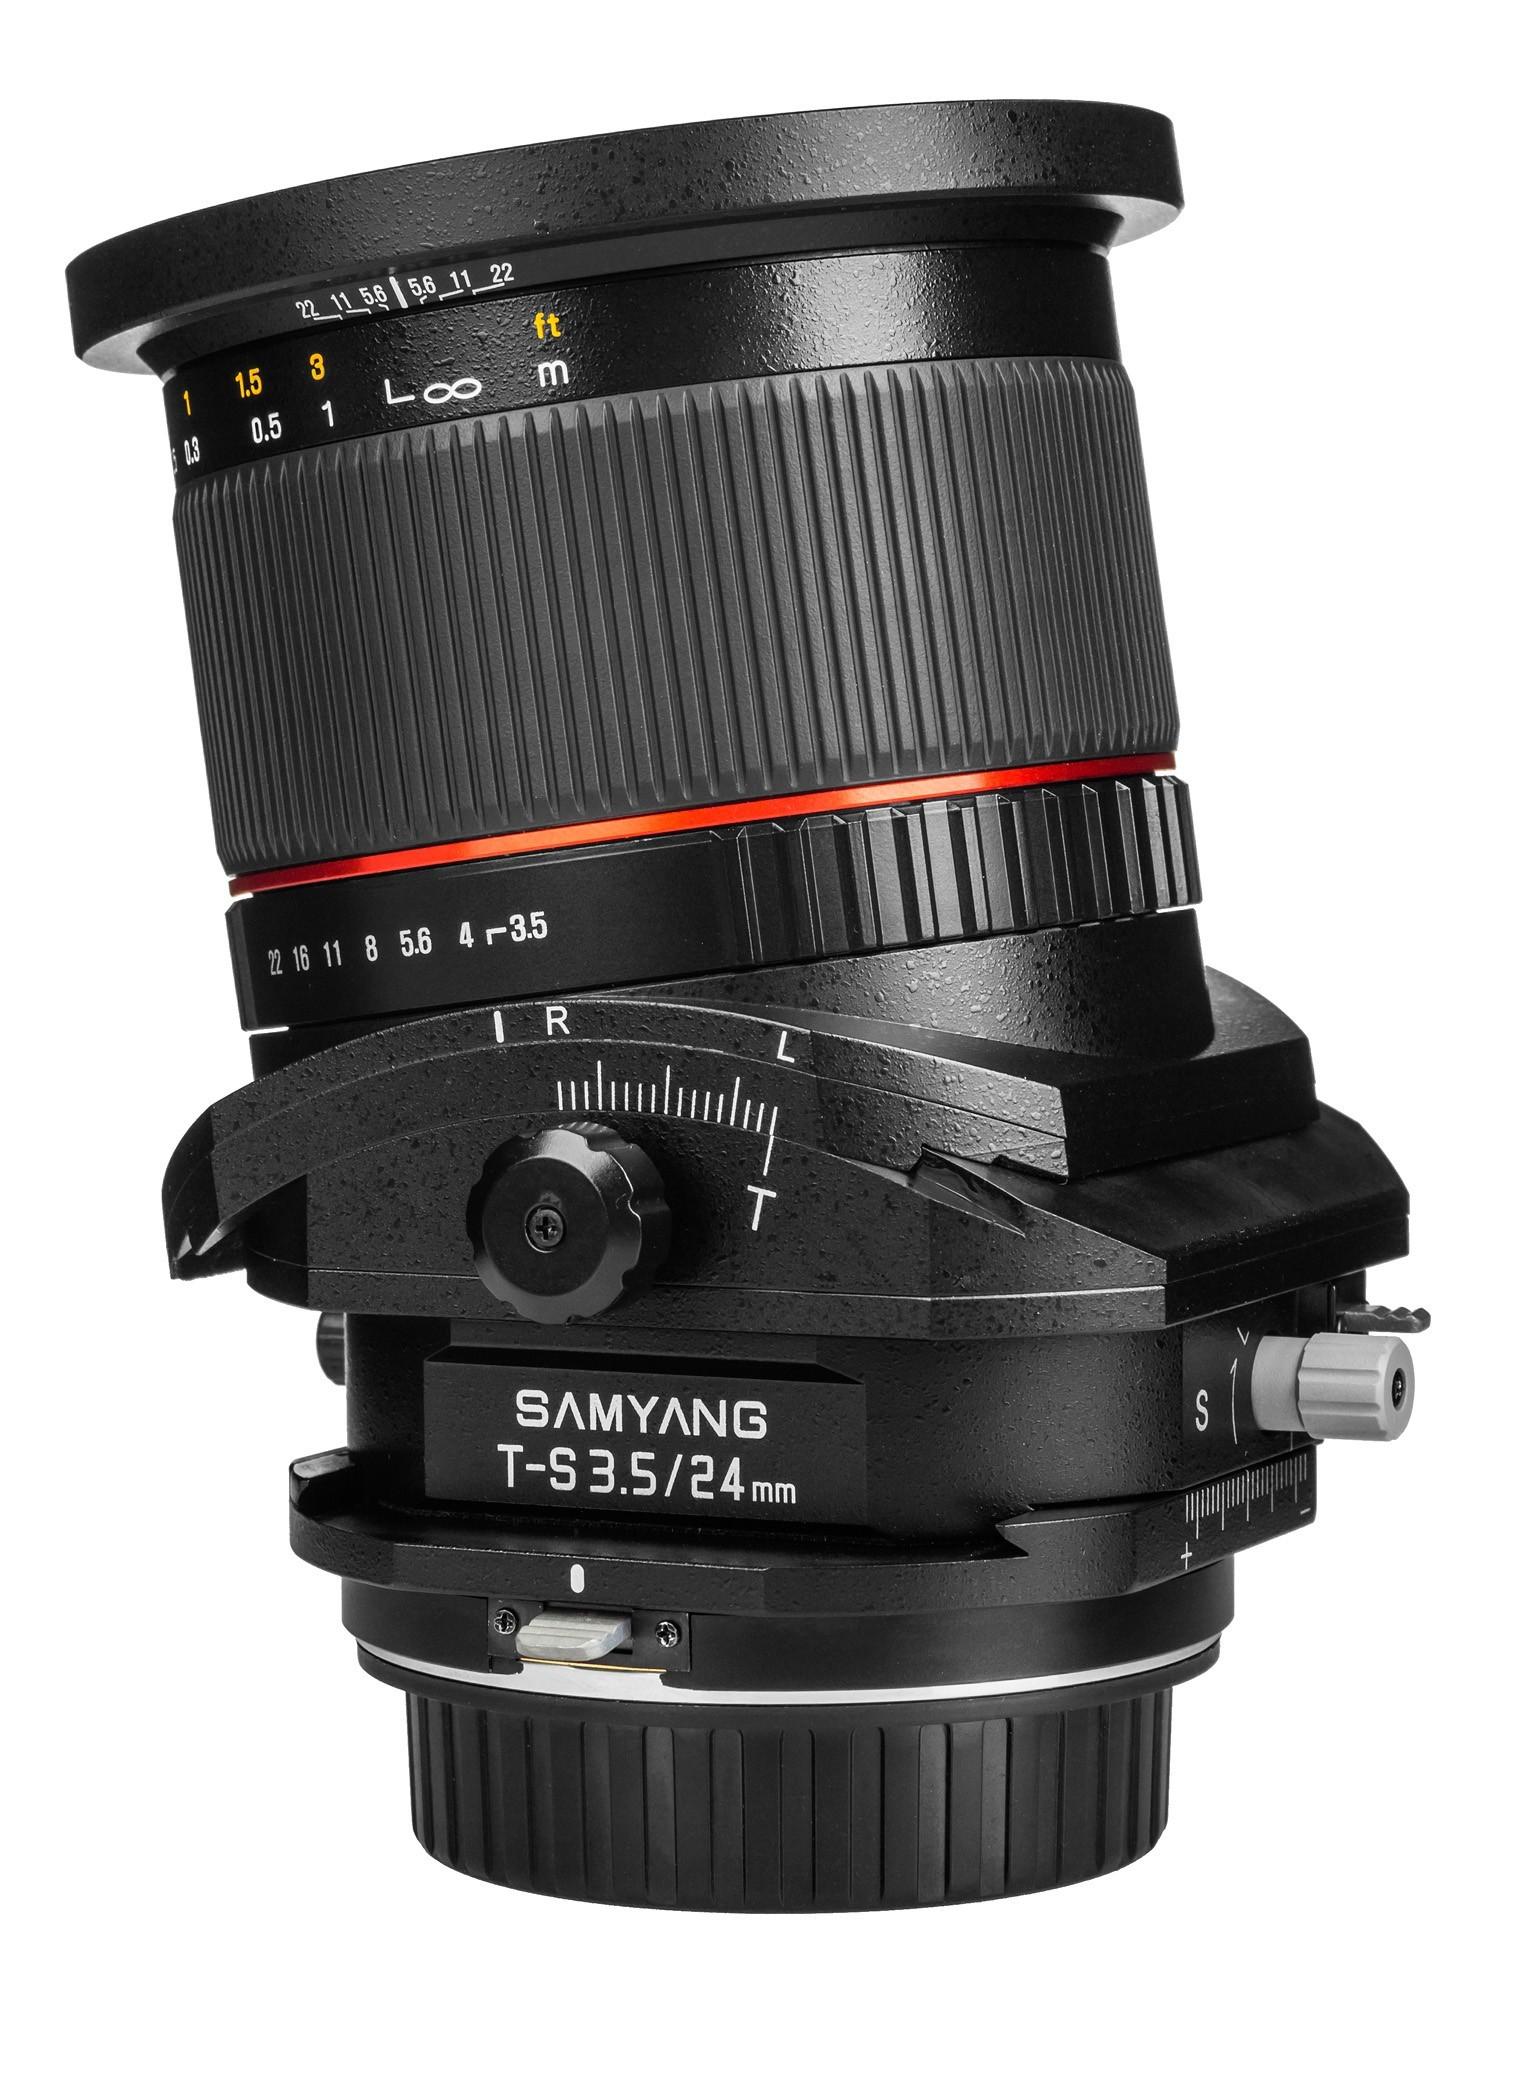 Samyang TILT/SHIFT 24mm F3.5 ED AS UMC - obiektyw do Nikon Samyang TILT/SHIFT 24mm F3.5 ED AS UMC